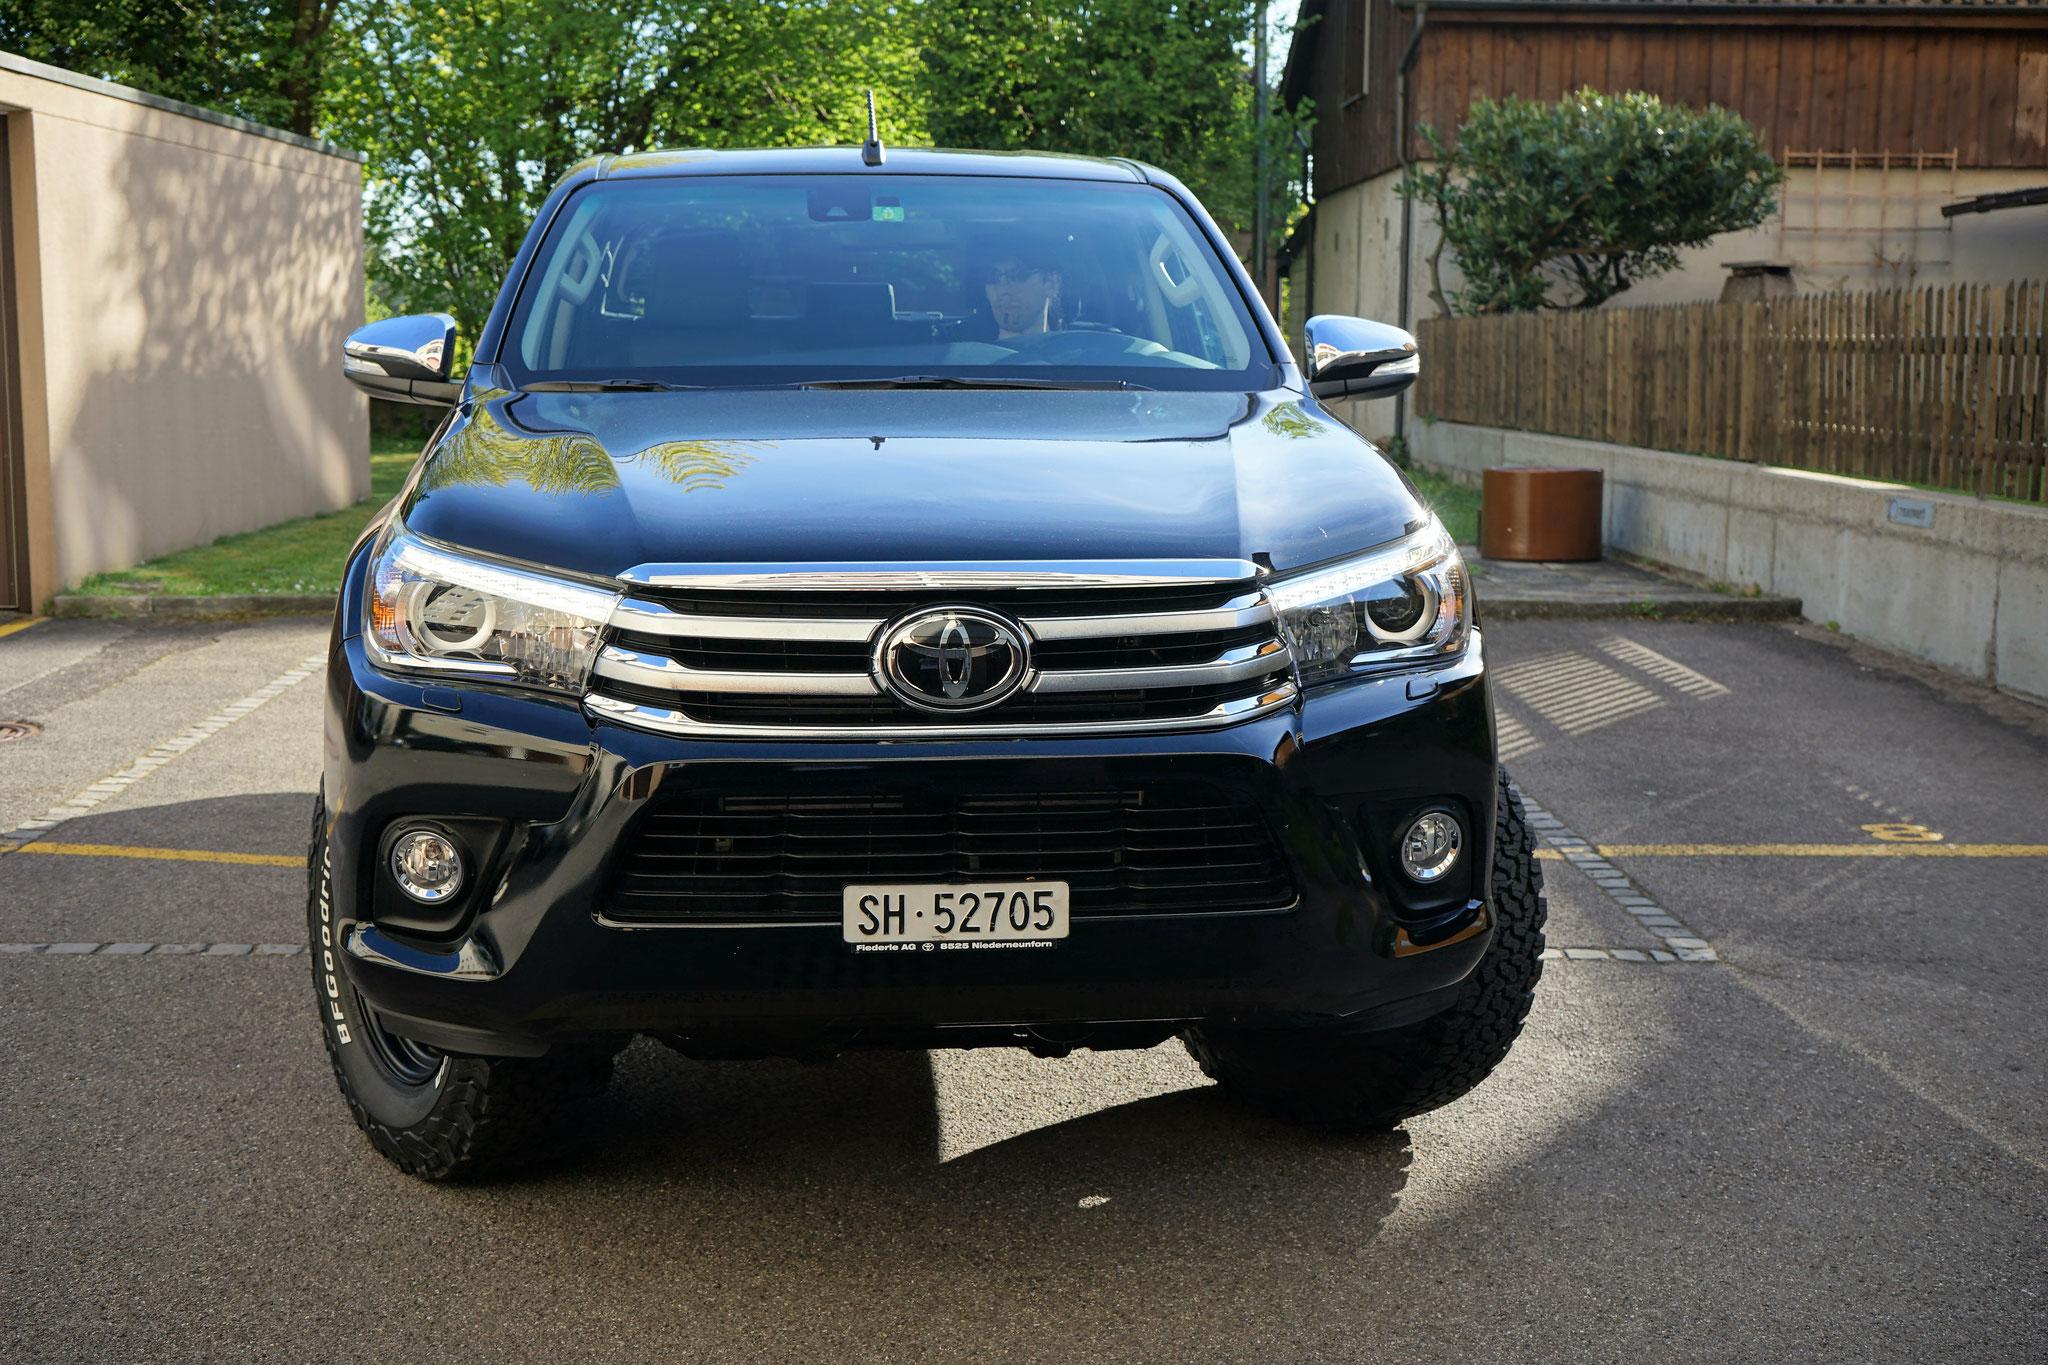 Toyota Hilux docab 2016 2017 2018 2.4 Revo sol premium 4x4 #Projektblackwolf  Wolf78-overland.ch offroad overland 4x4 Bf goodrich Bfgoodrich t/a ko2 265/70 R17